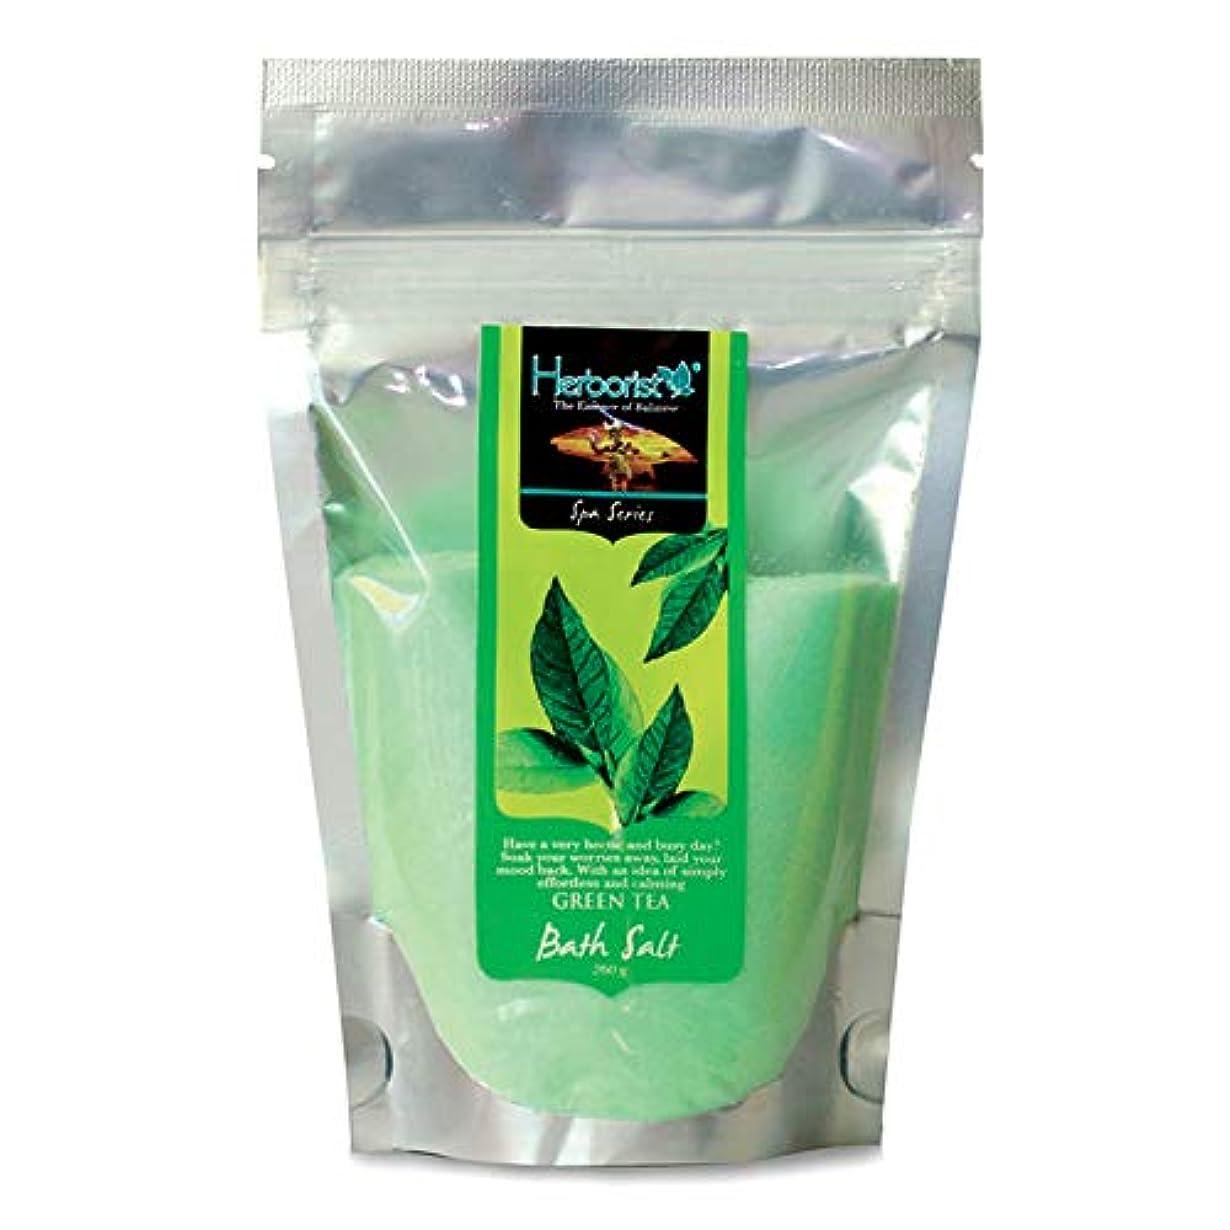 かもしれない助けてクランプHerborist ハーボリスト Bath Salt バスソルト バリ島の香り漂う入浴剤 250g Green Tea グリーンティー [海外直送品]